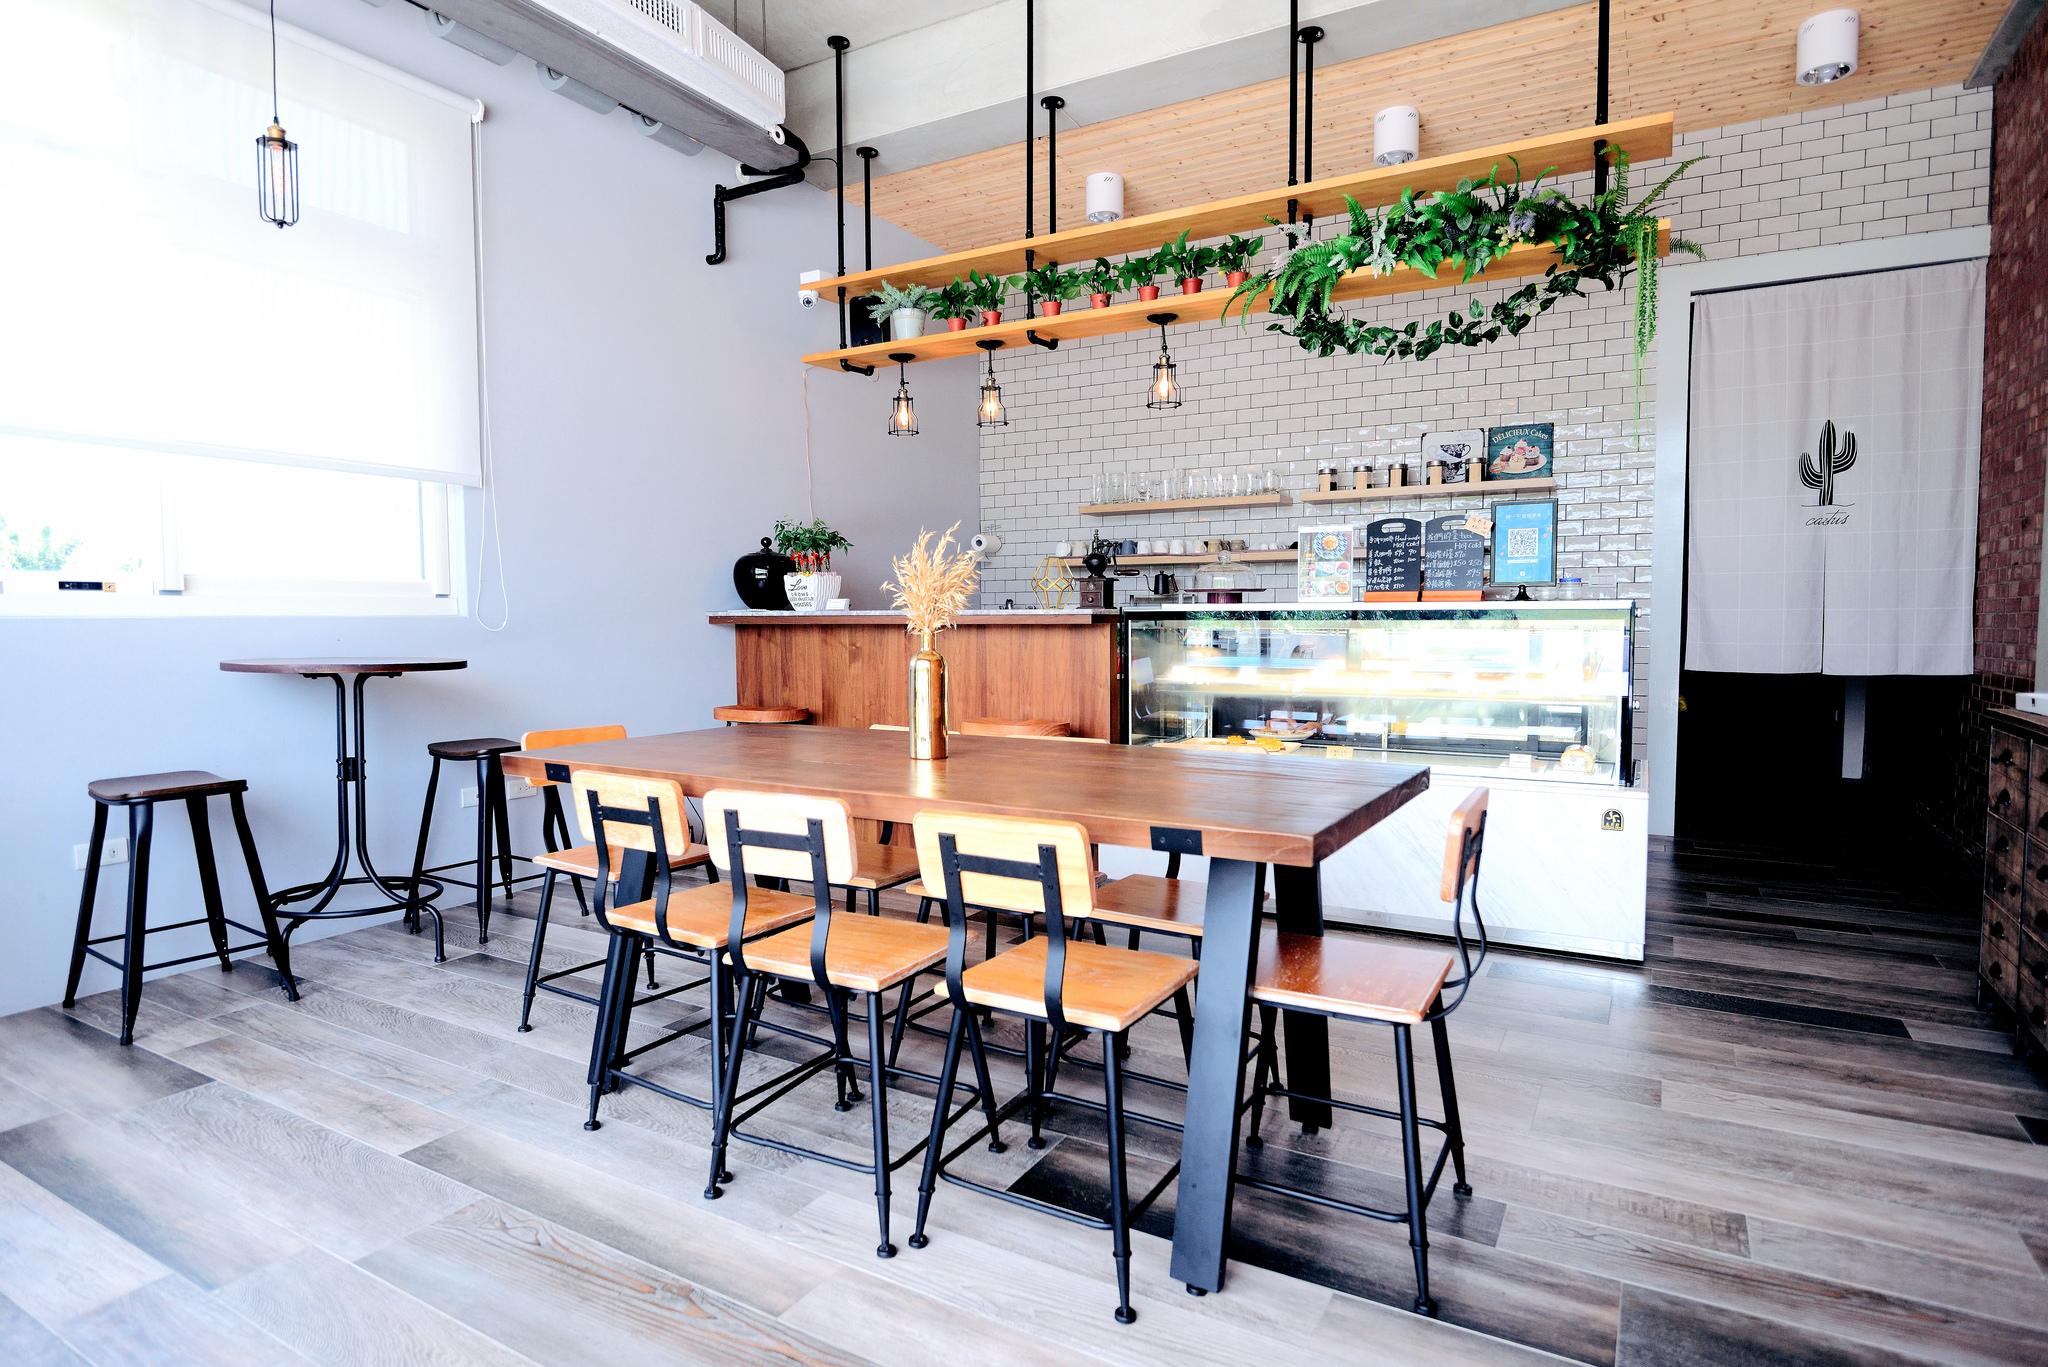 noname cafe 011